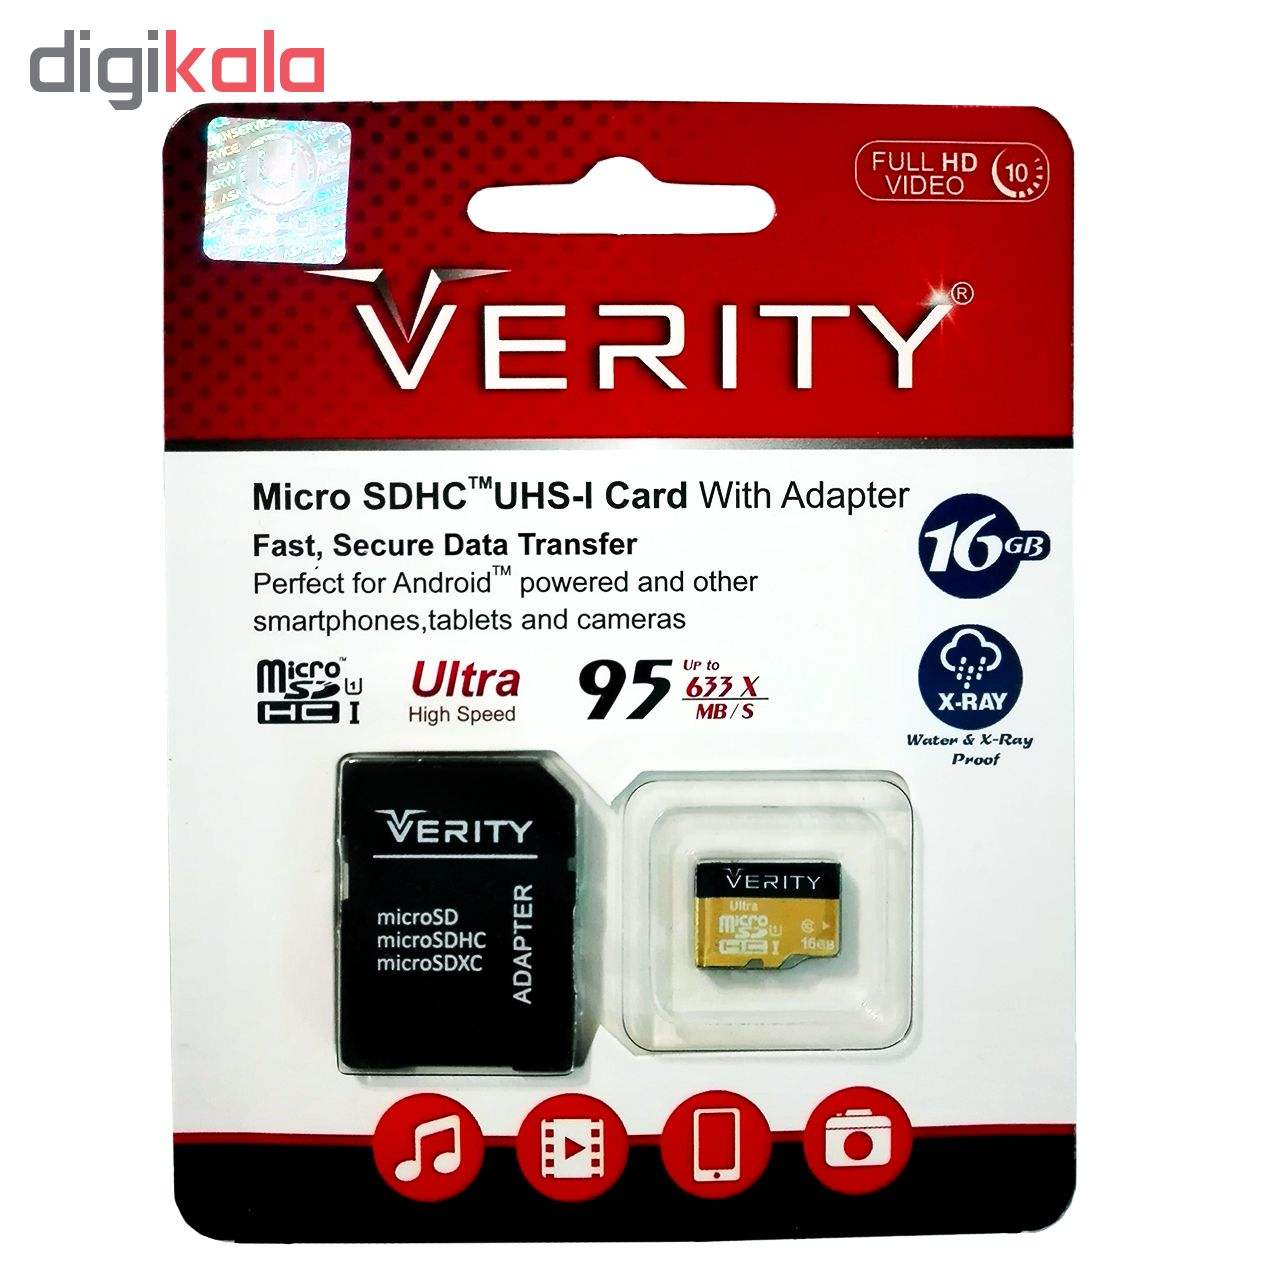 کارت حافظه microSDHC وریتی کلاس 10 استاندارد UHS-I U1 سرعت 95MBps ظرفیت 16 گیگابایت به همراه آداپت